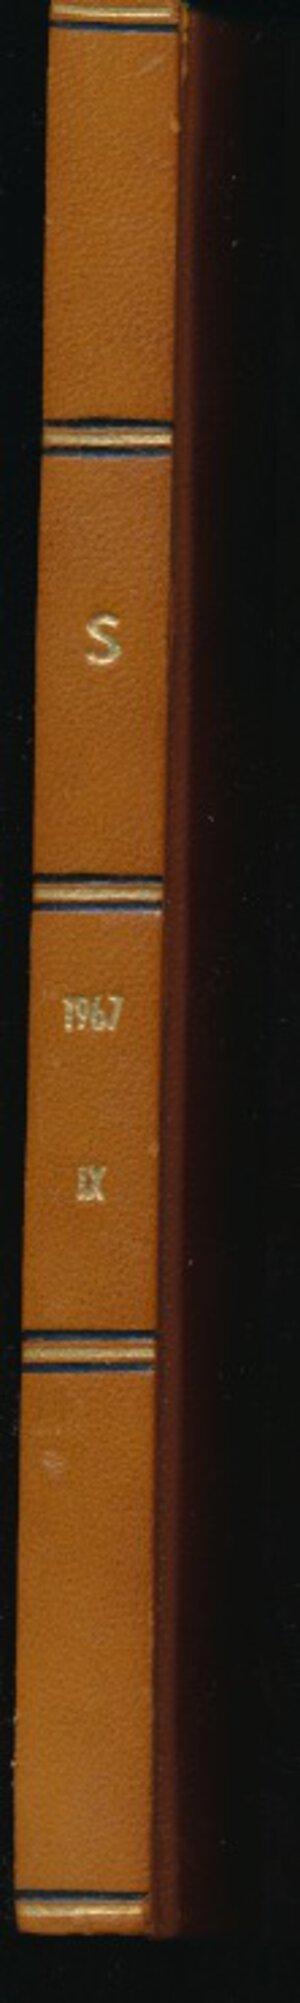 obverse: SANTAMARIA P.&P. - Listino 1967 Roma. Tavole in b/n. Rilegatura con dorso ed angoli marroni. Buono stato.